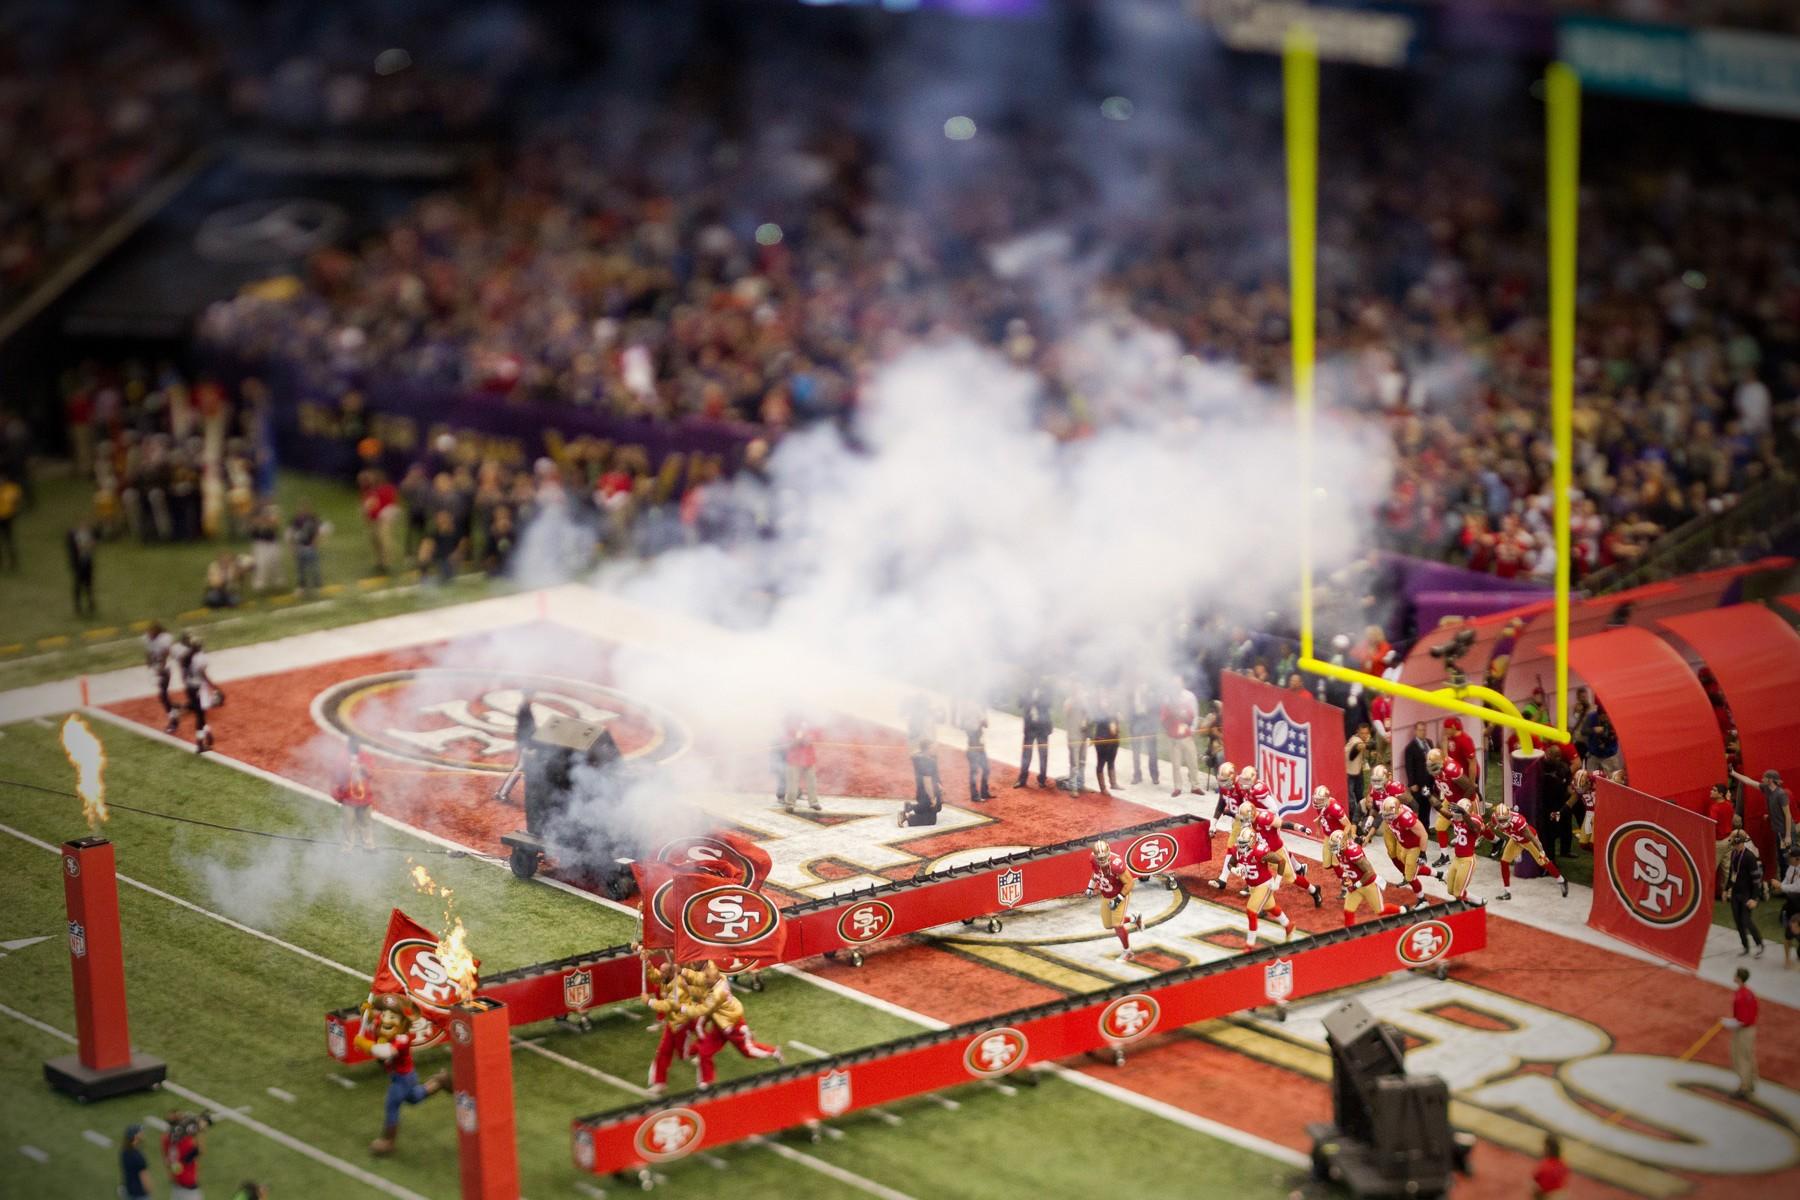 NFL: FEB 03 Superbowl XLVII - Ravens at 49ers